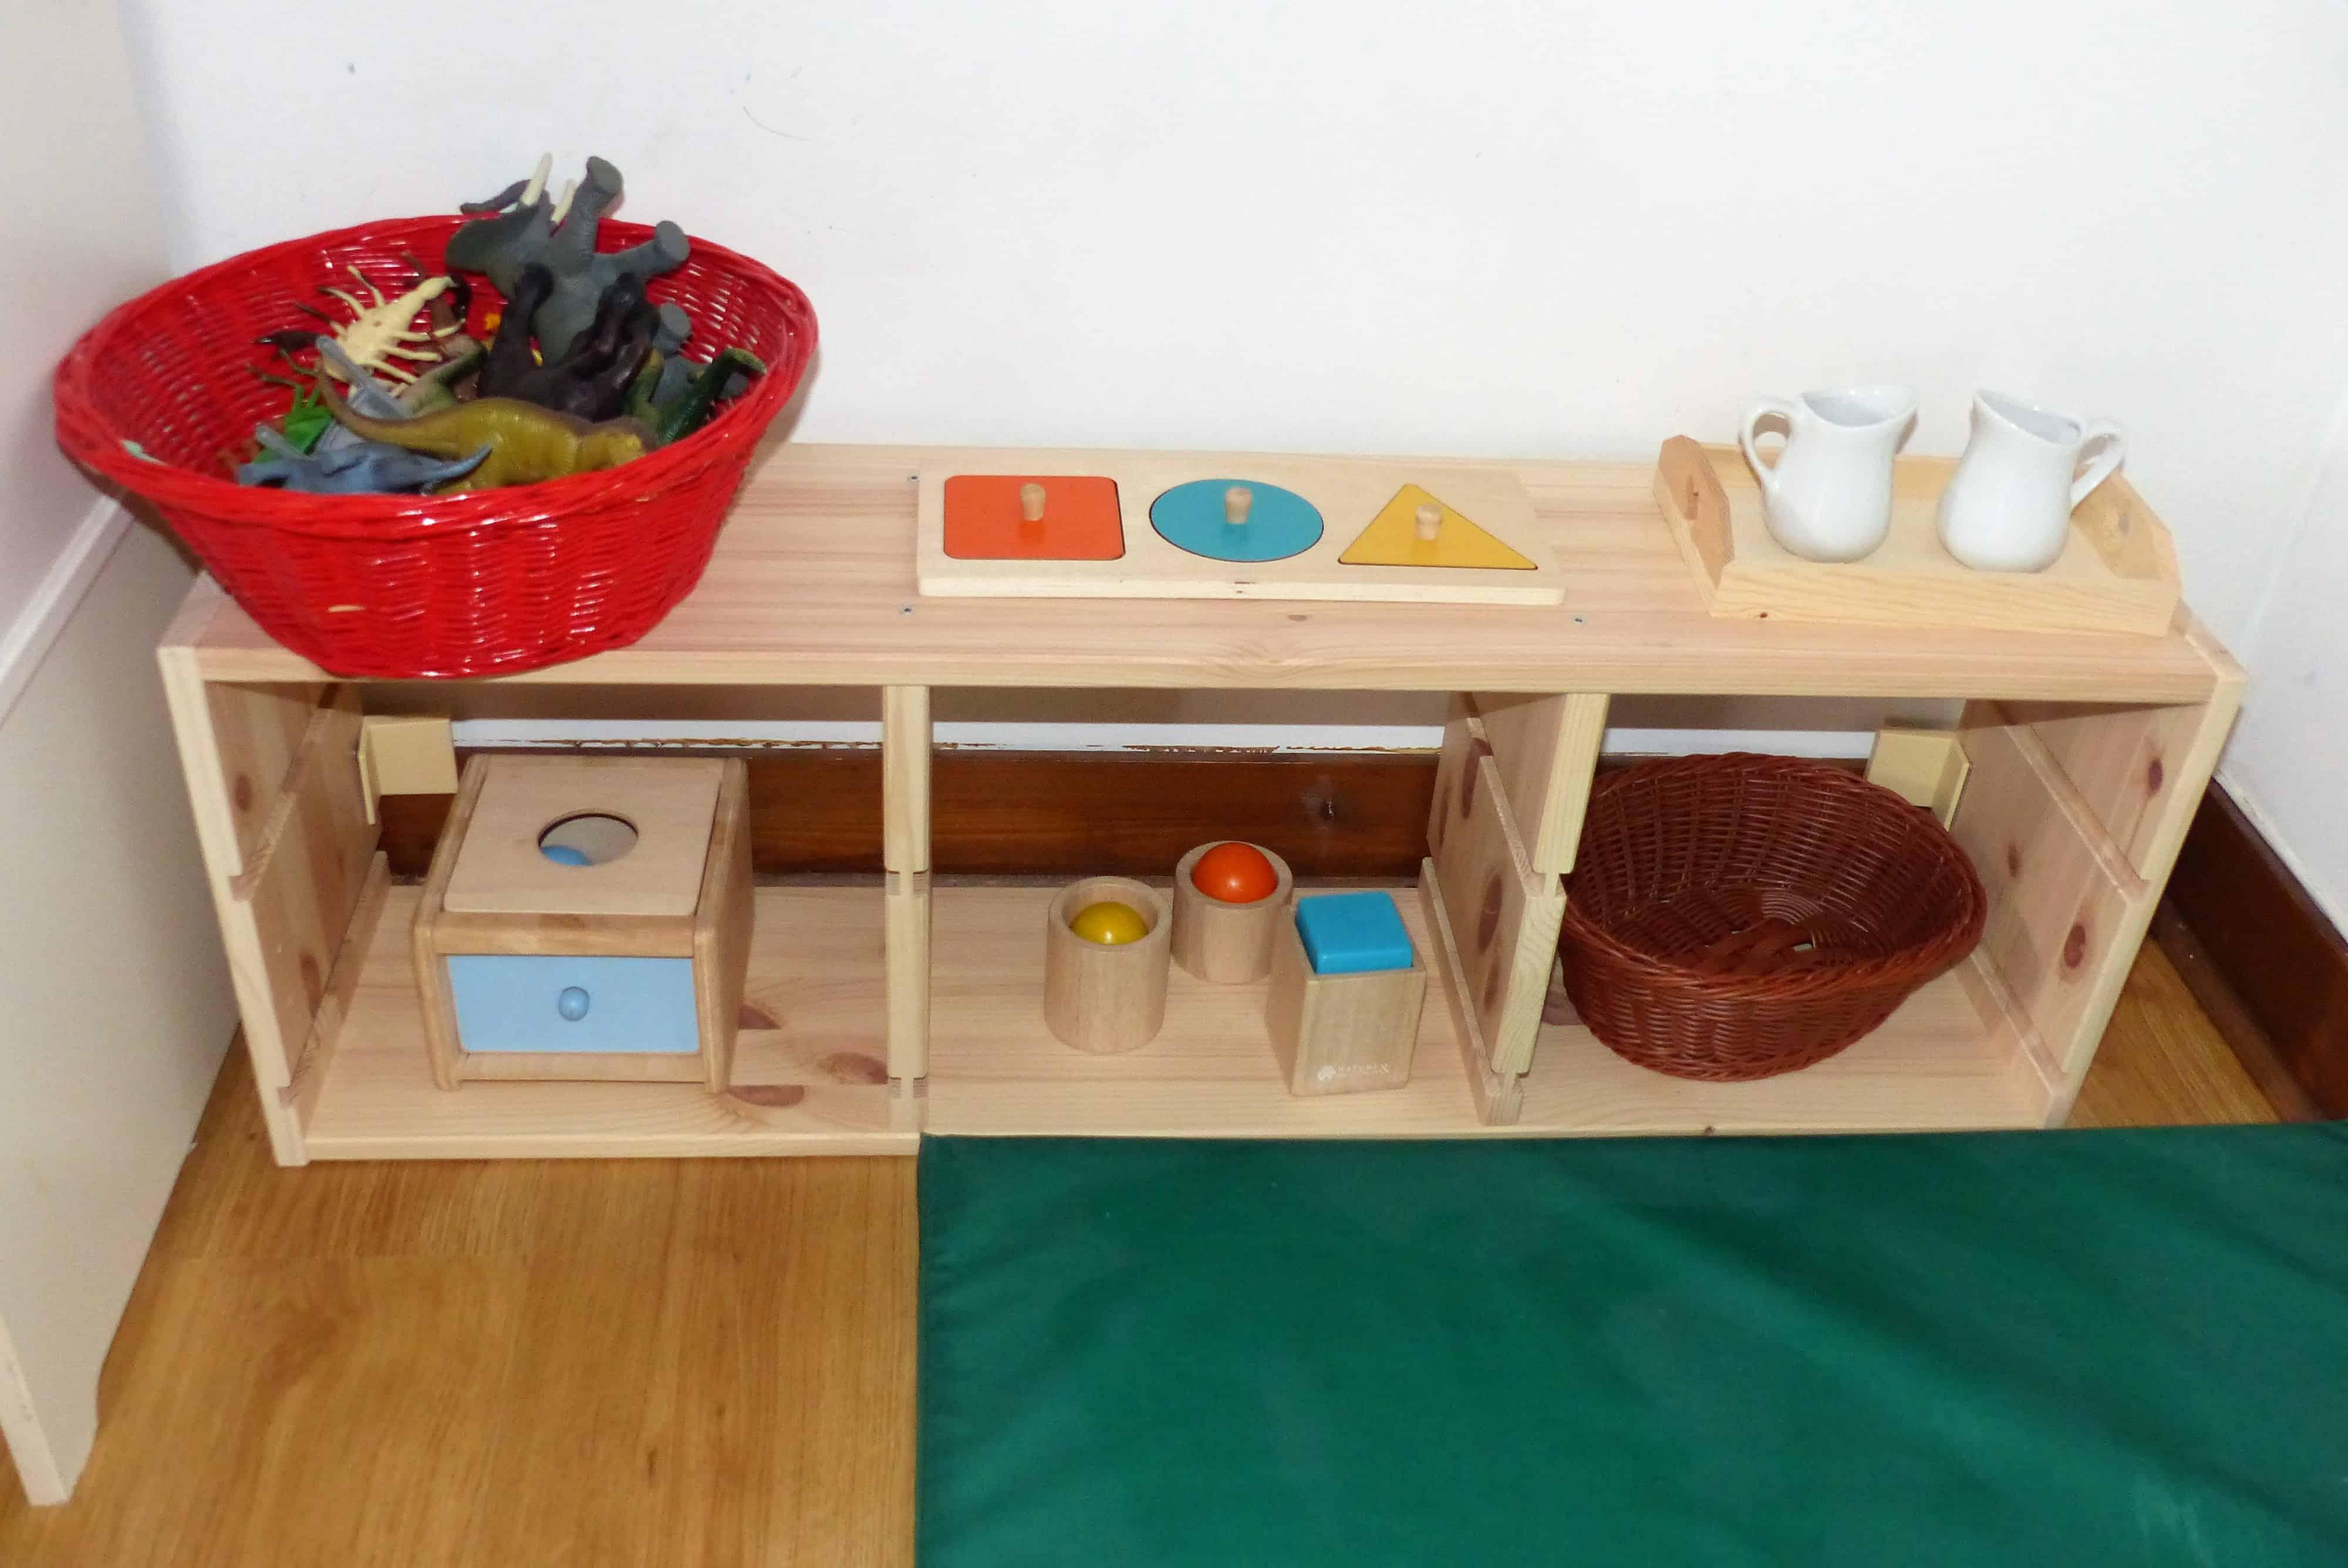 Lit Au Sol Montessori Quel Age la rotation des jouets façon montessori - les montessouricettes